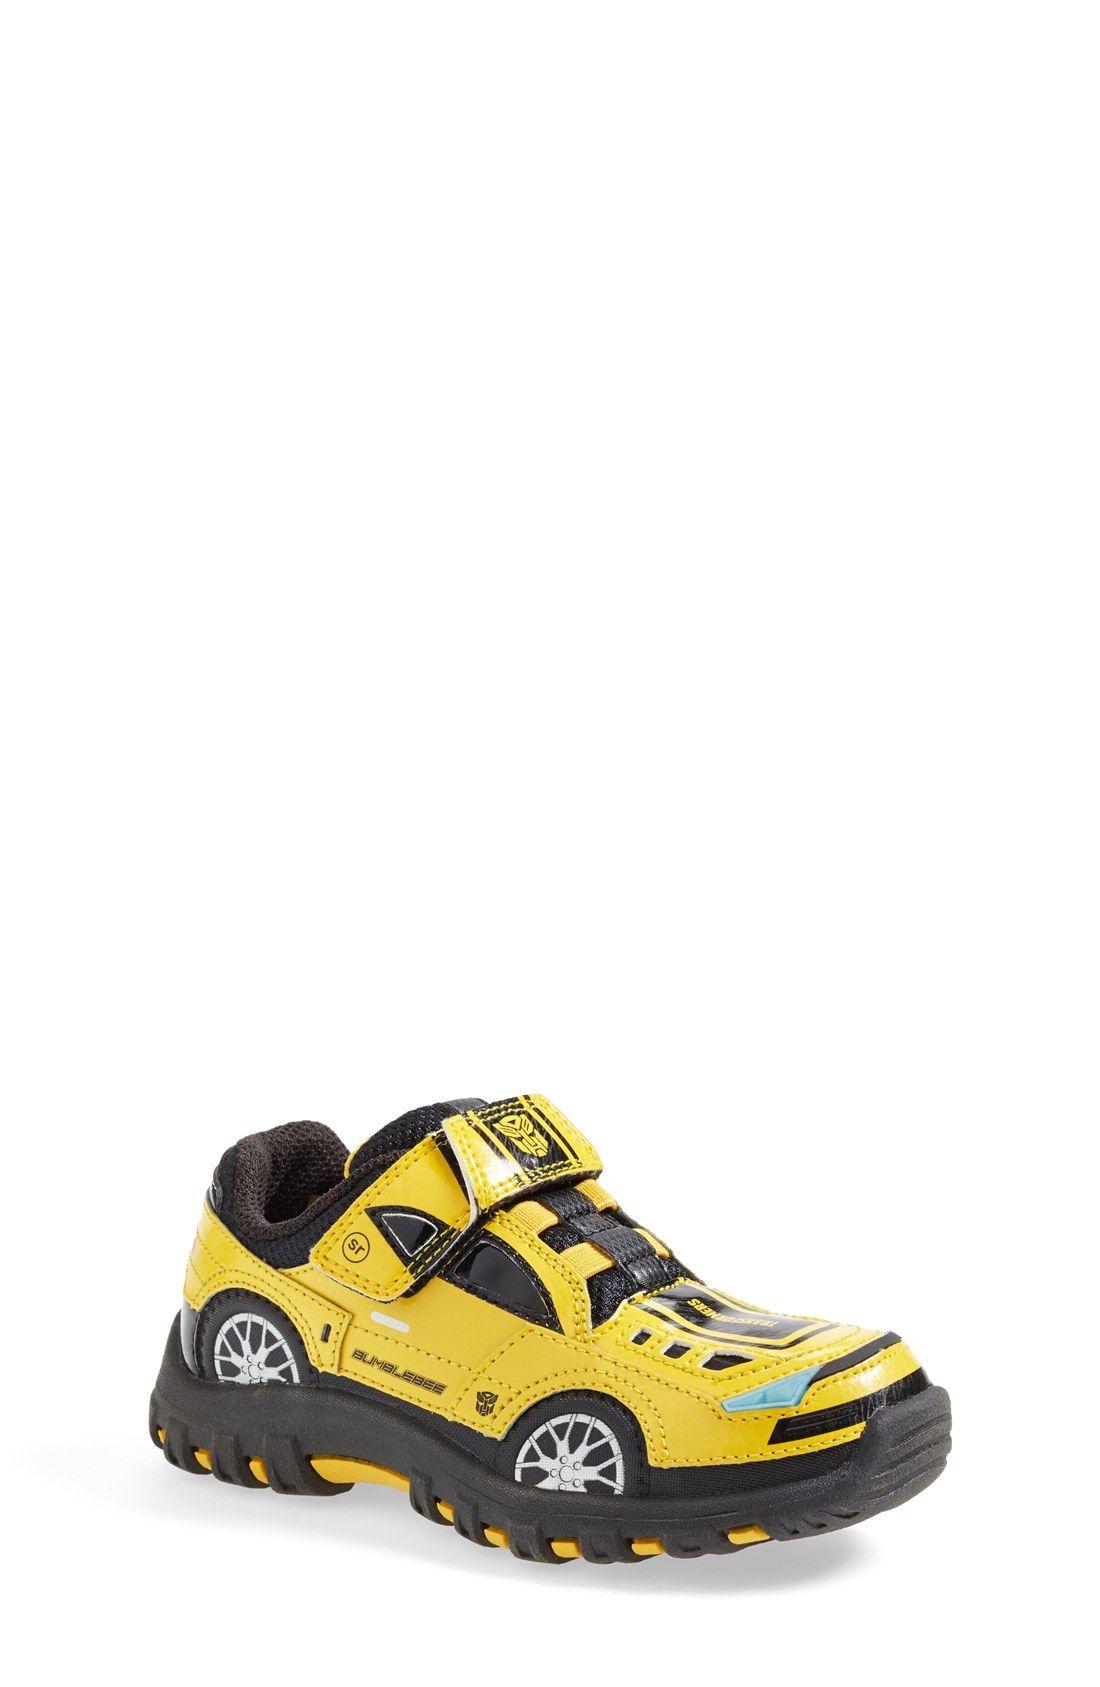 sneakers, Stride rite, Sneakers